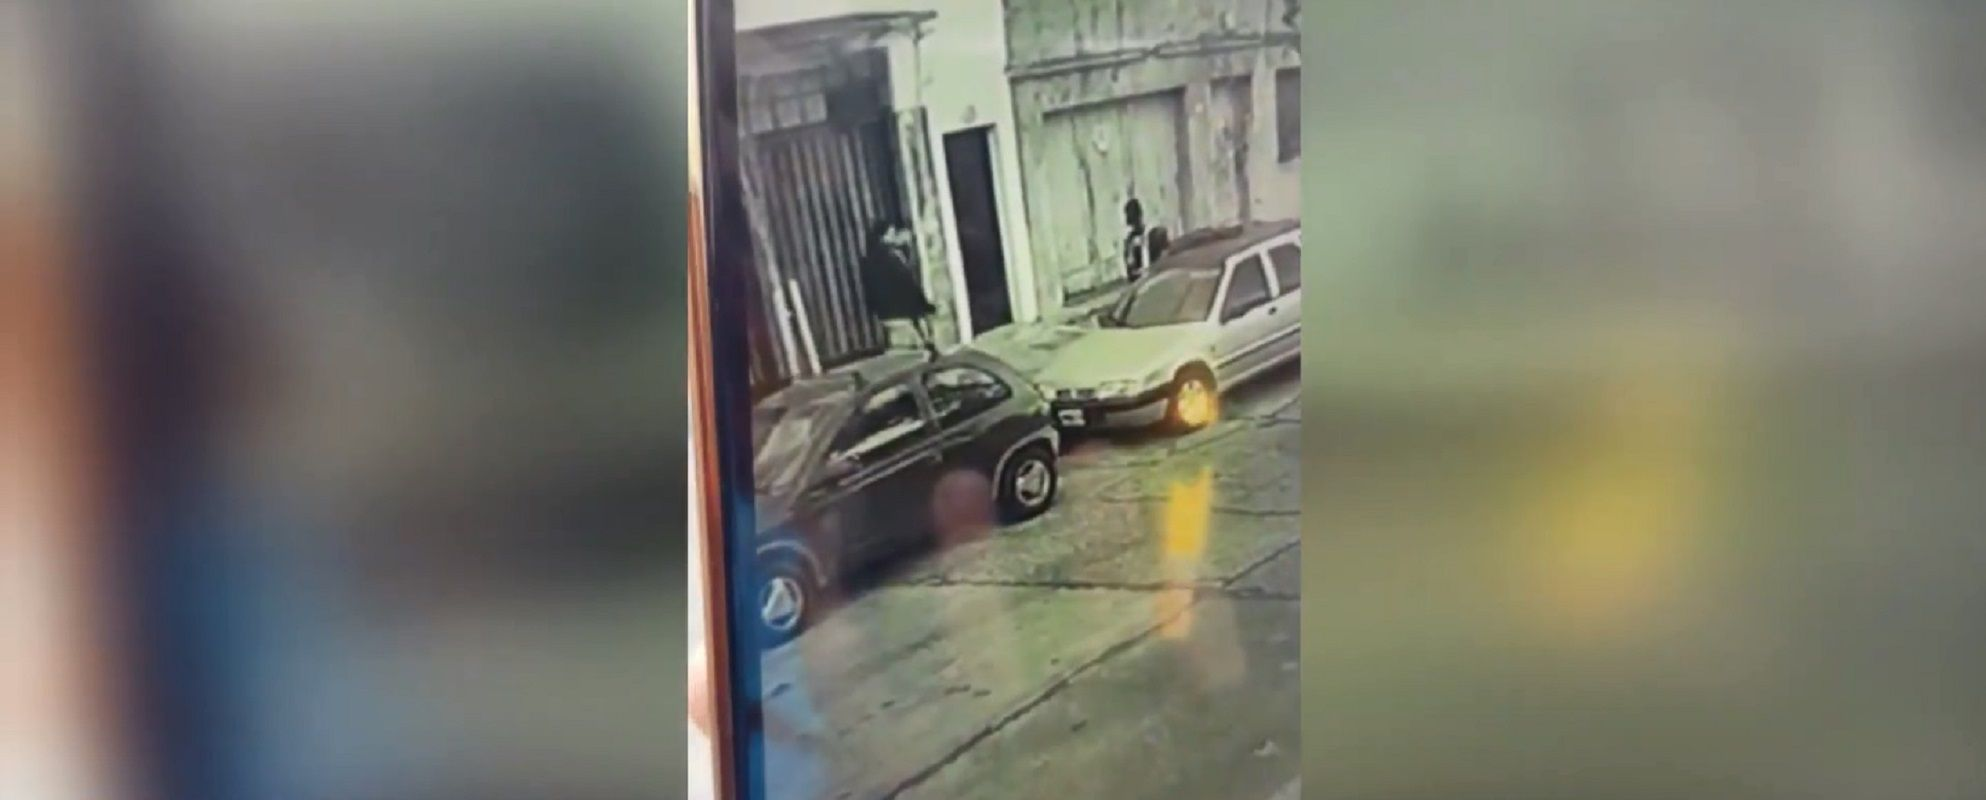 Delincuentes le robaron el arma a un policía y lo balearon en la cabeza